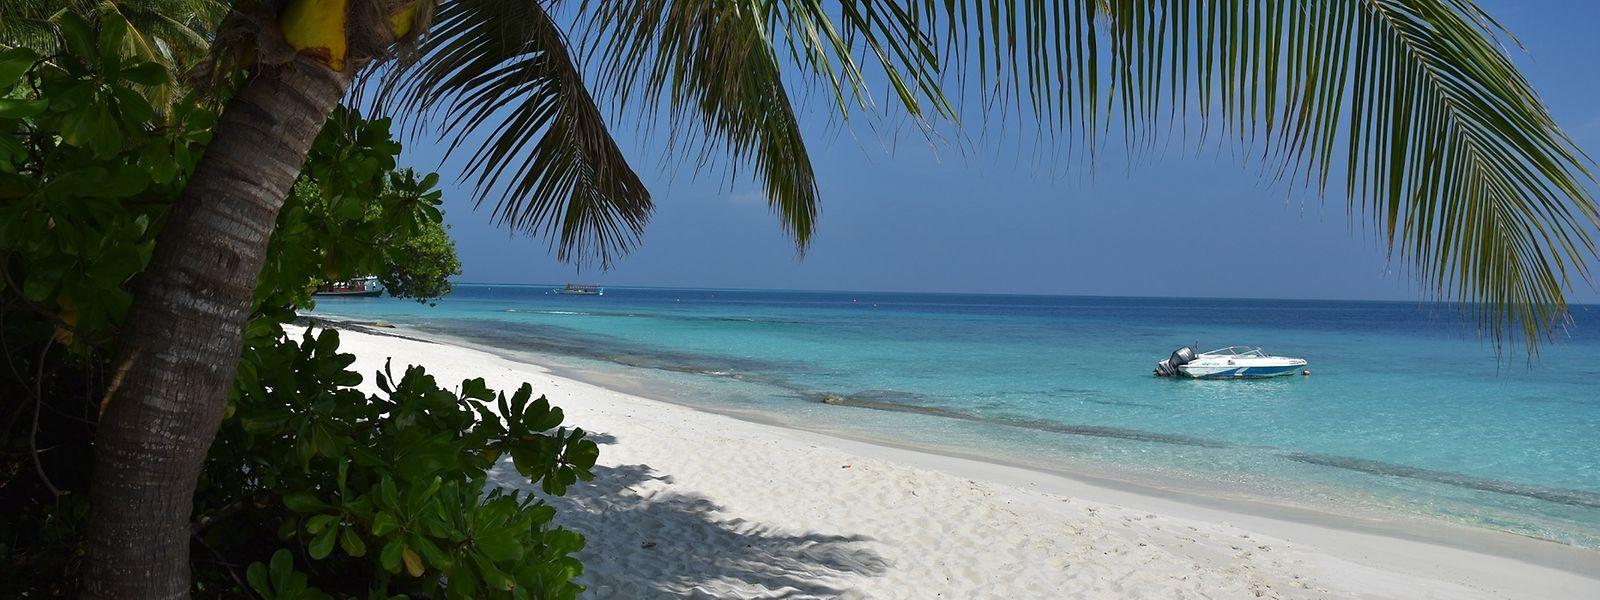 """Das Inselparadies hat mit einigen Umweltproblemen zu kämpfen - """"grüne"""" Urlaubsresorts versuchen diesen entgegenzuwirken."""